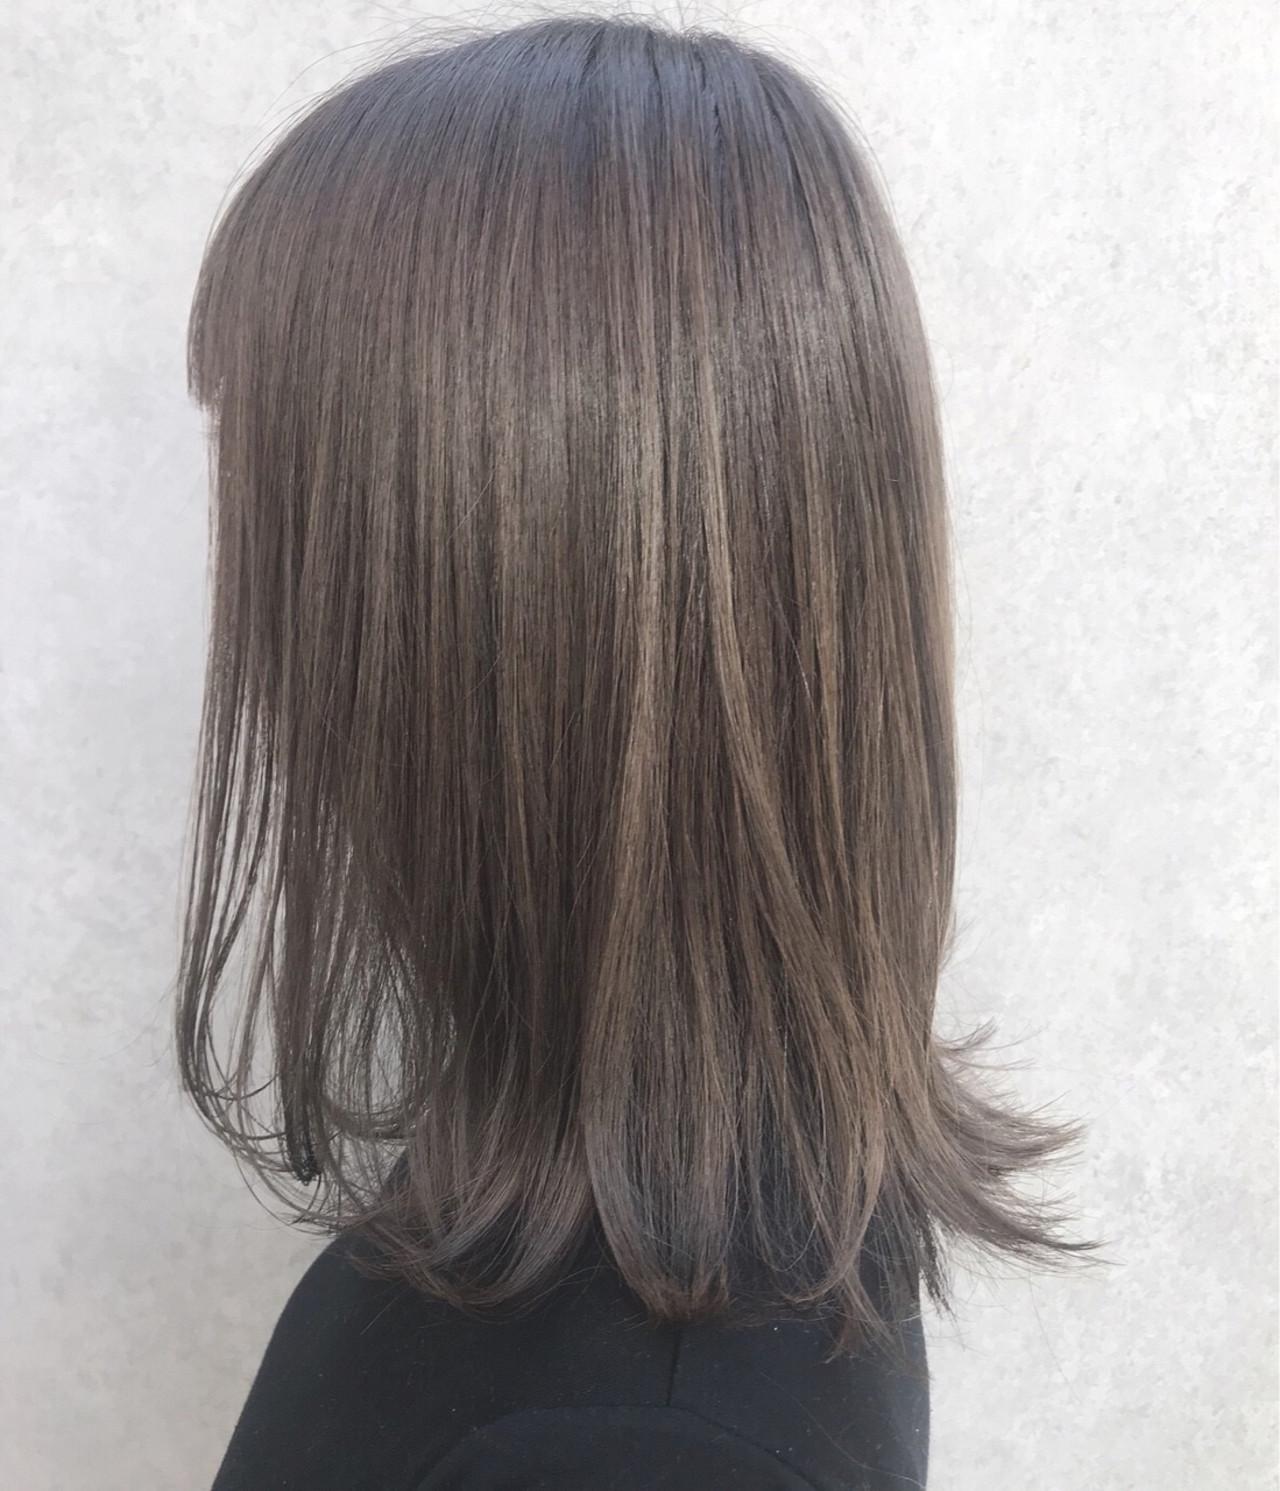 簡単ヘアアレンジ 前髪あり ミディアム 抜け感 ヘアスタイルや髪型の写真・画像